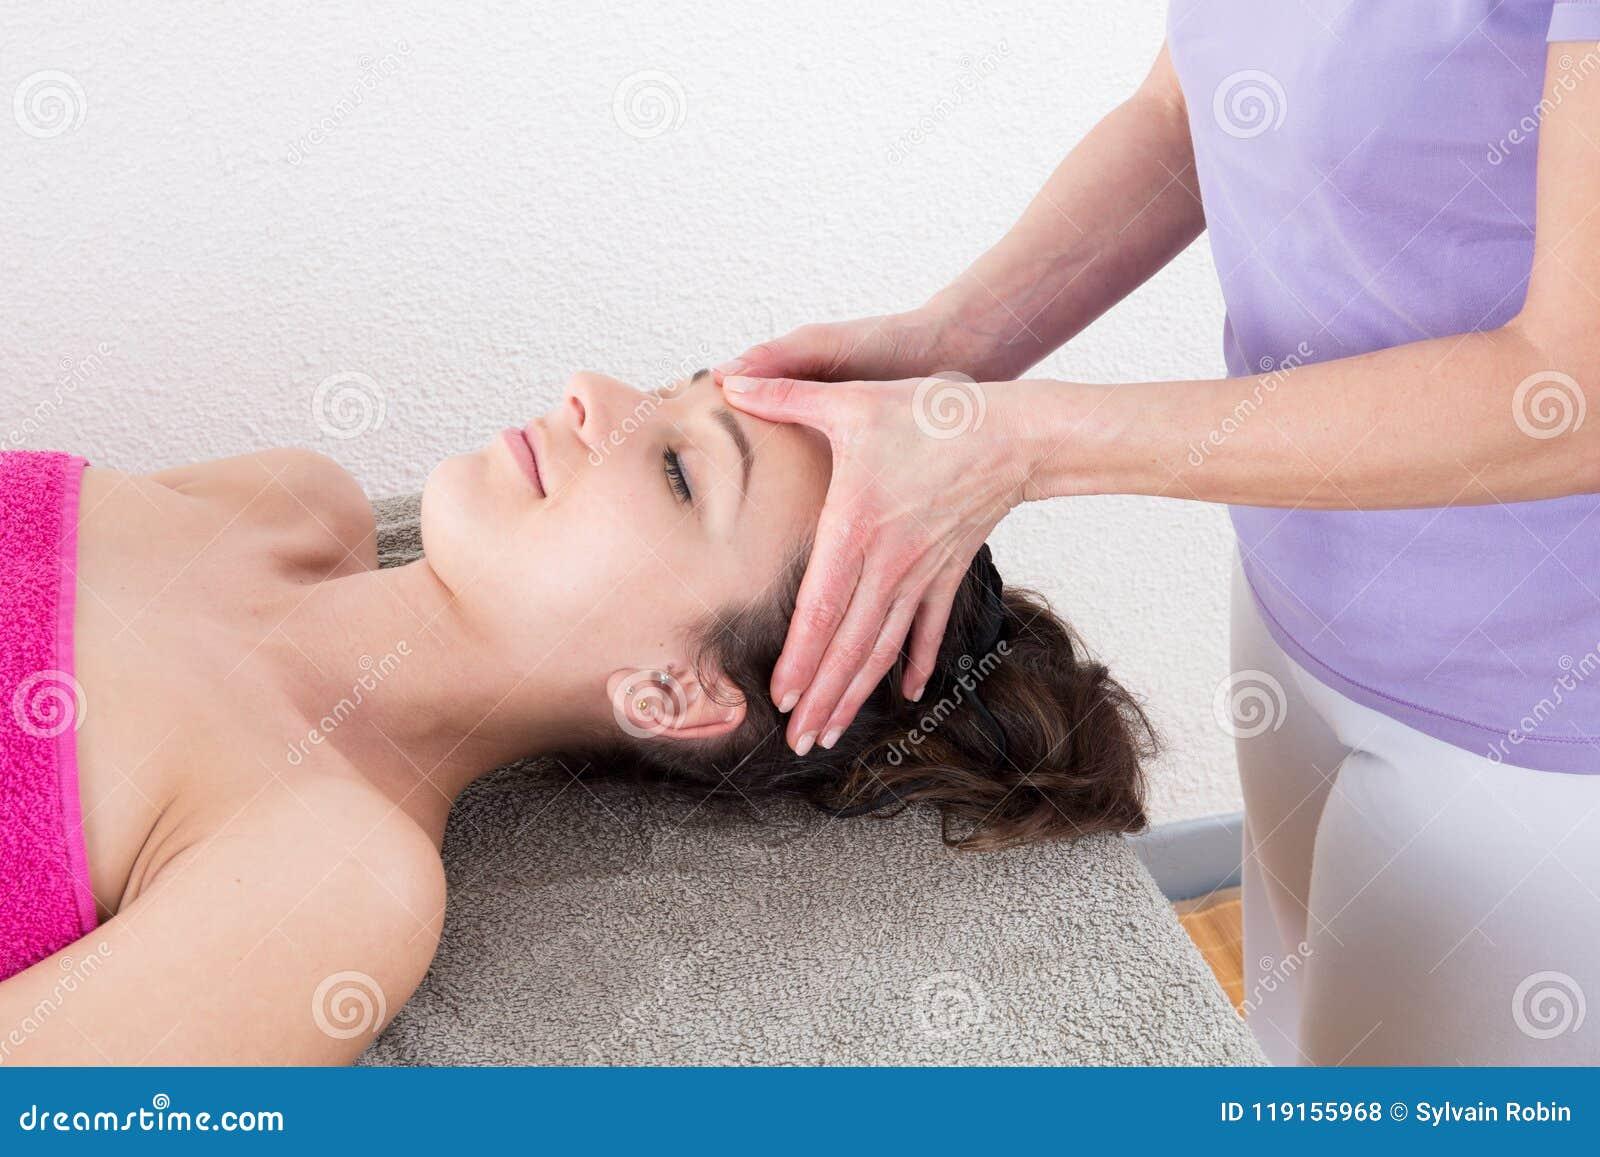 Γυναίκα που απολαμβάνει το επικεφαλής μασάζ στη χαλάρωση επεξεργασίας Acupressure και την εναλλακτική ιατρική